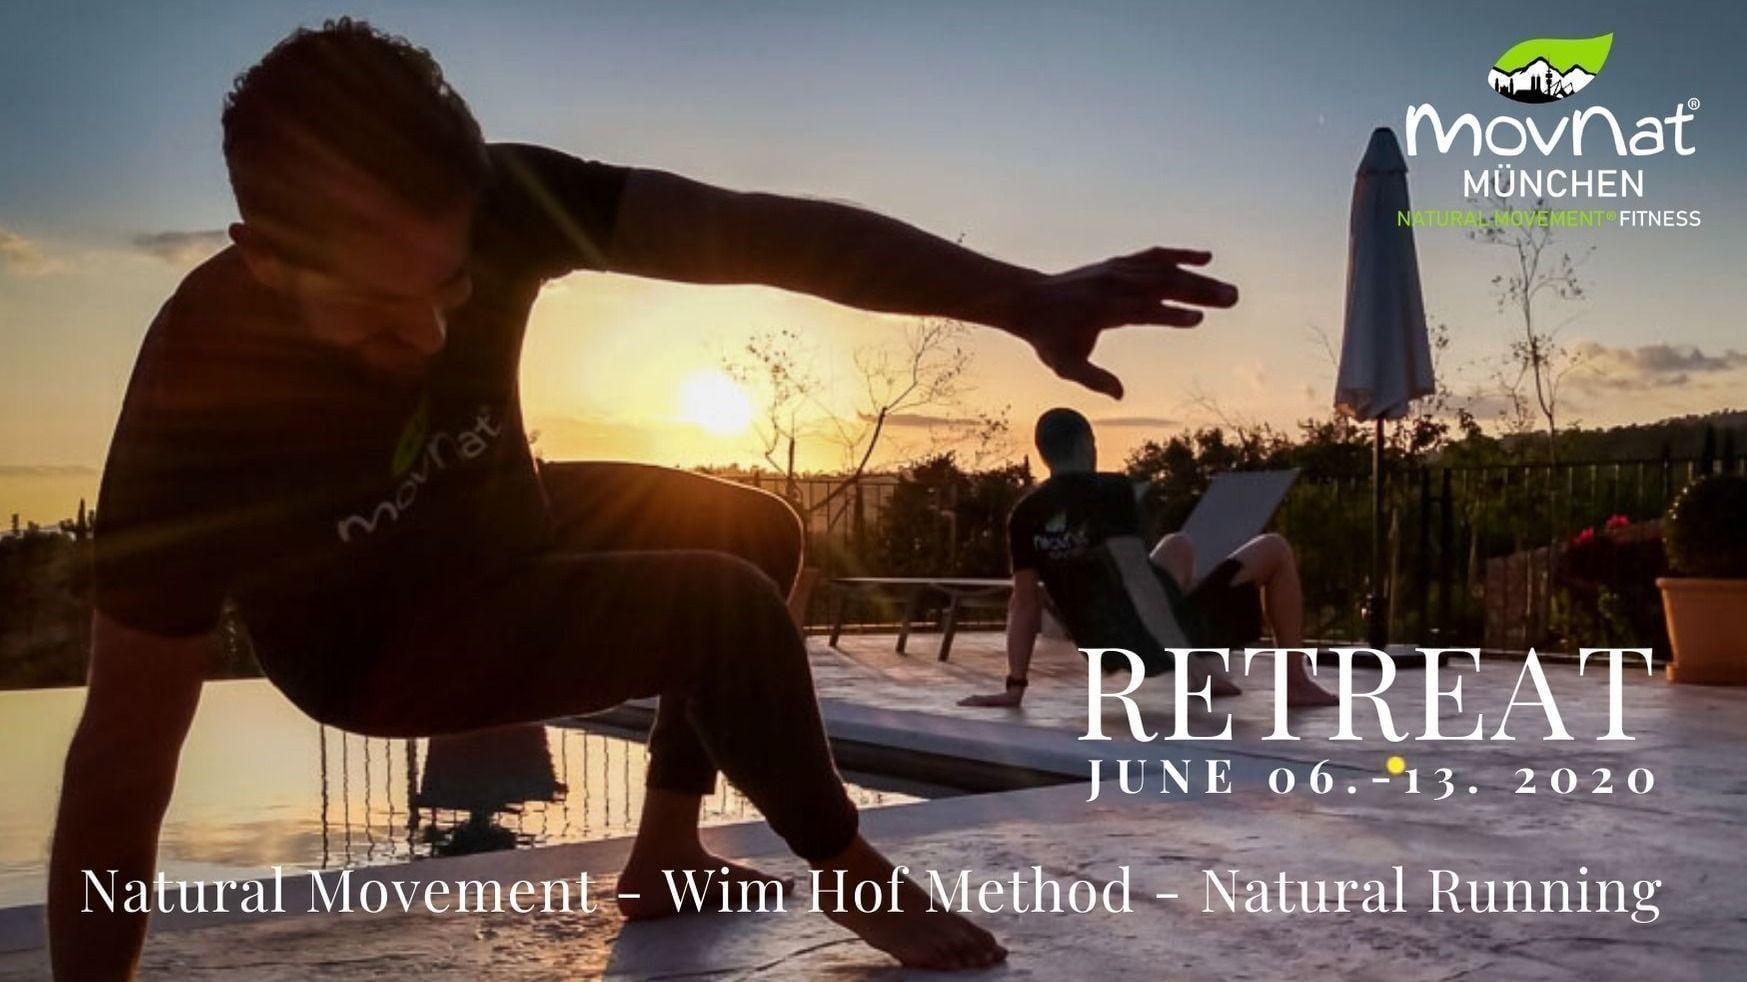 Natural Movement Wim Hof Method